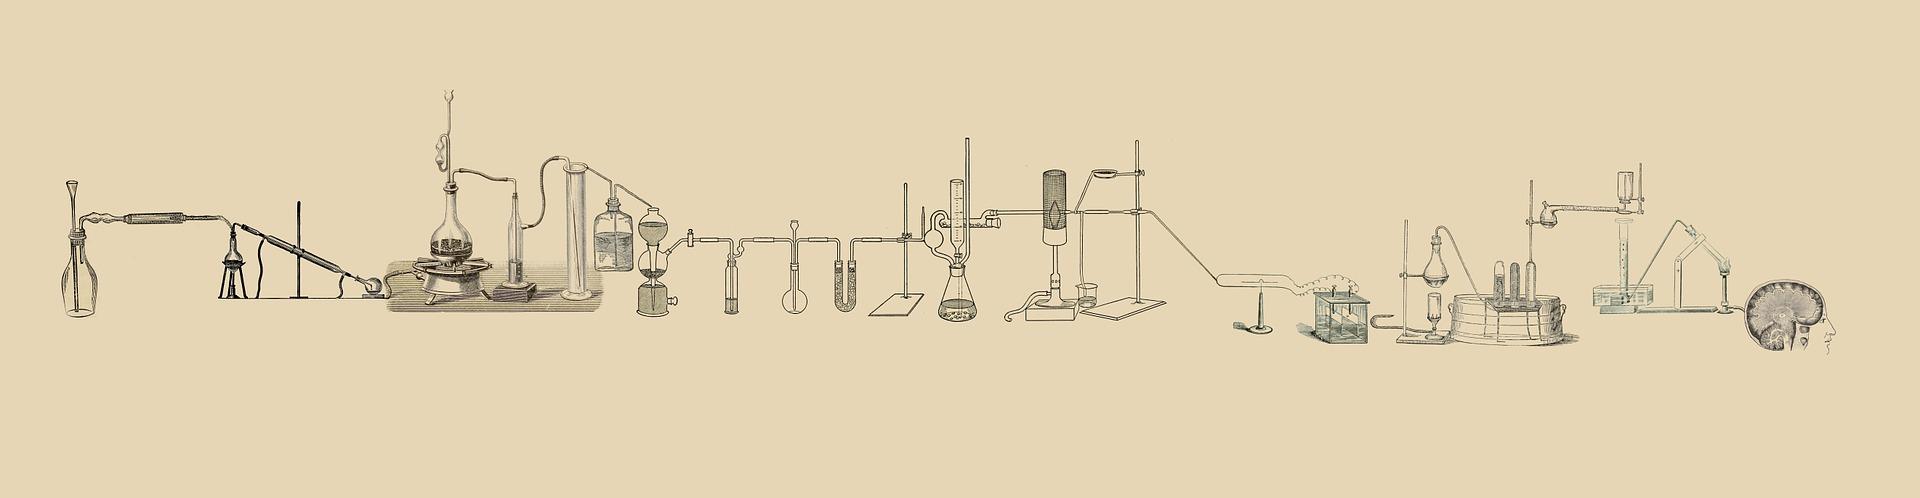 lab-512503_1920